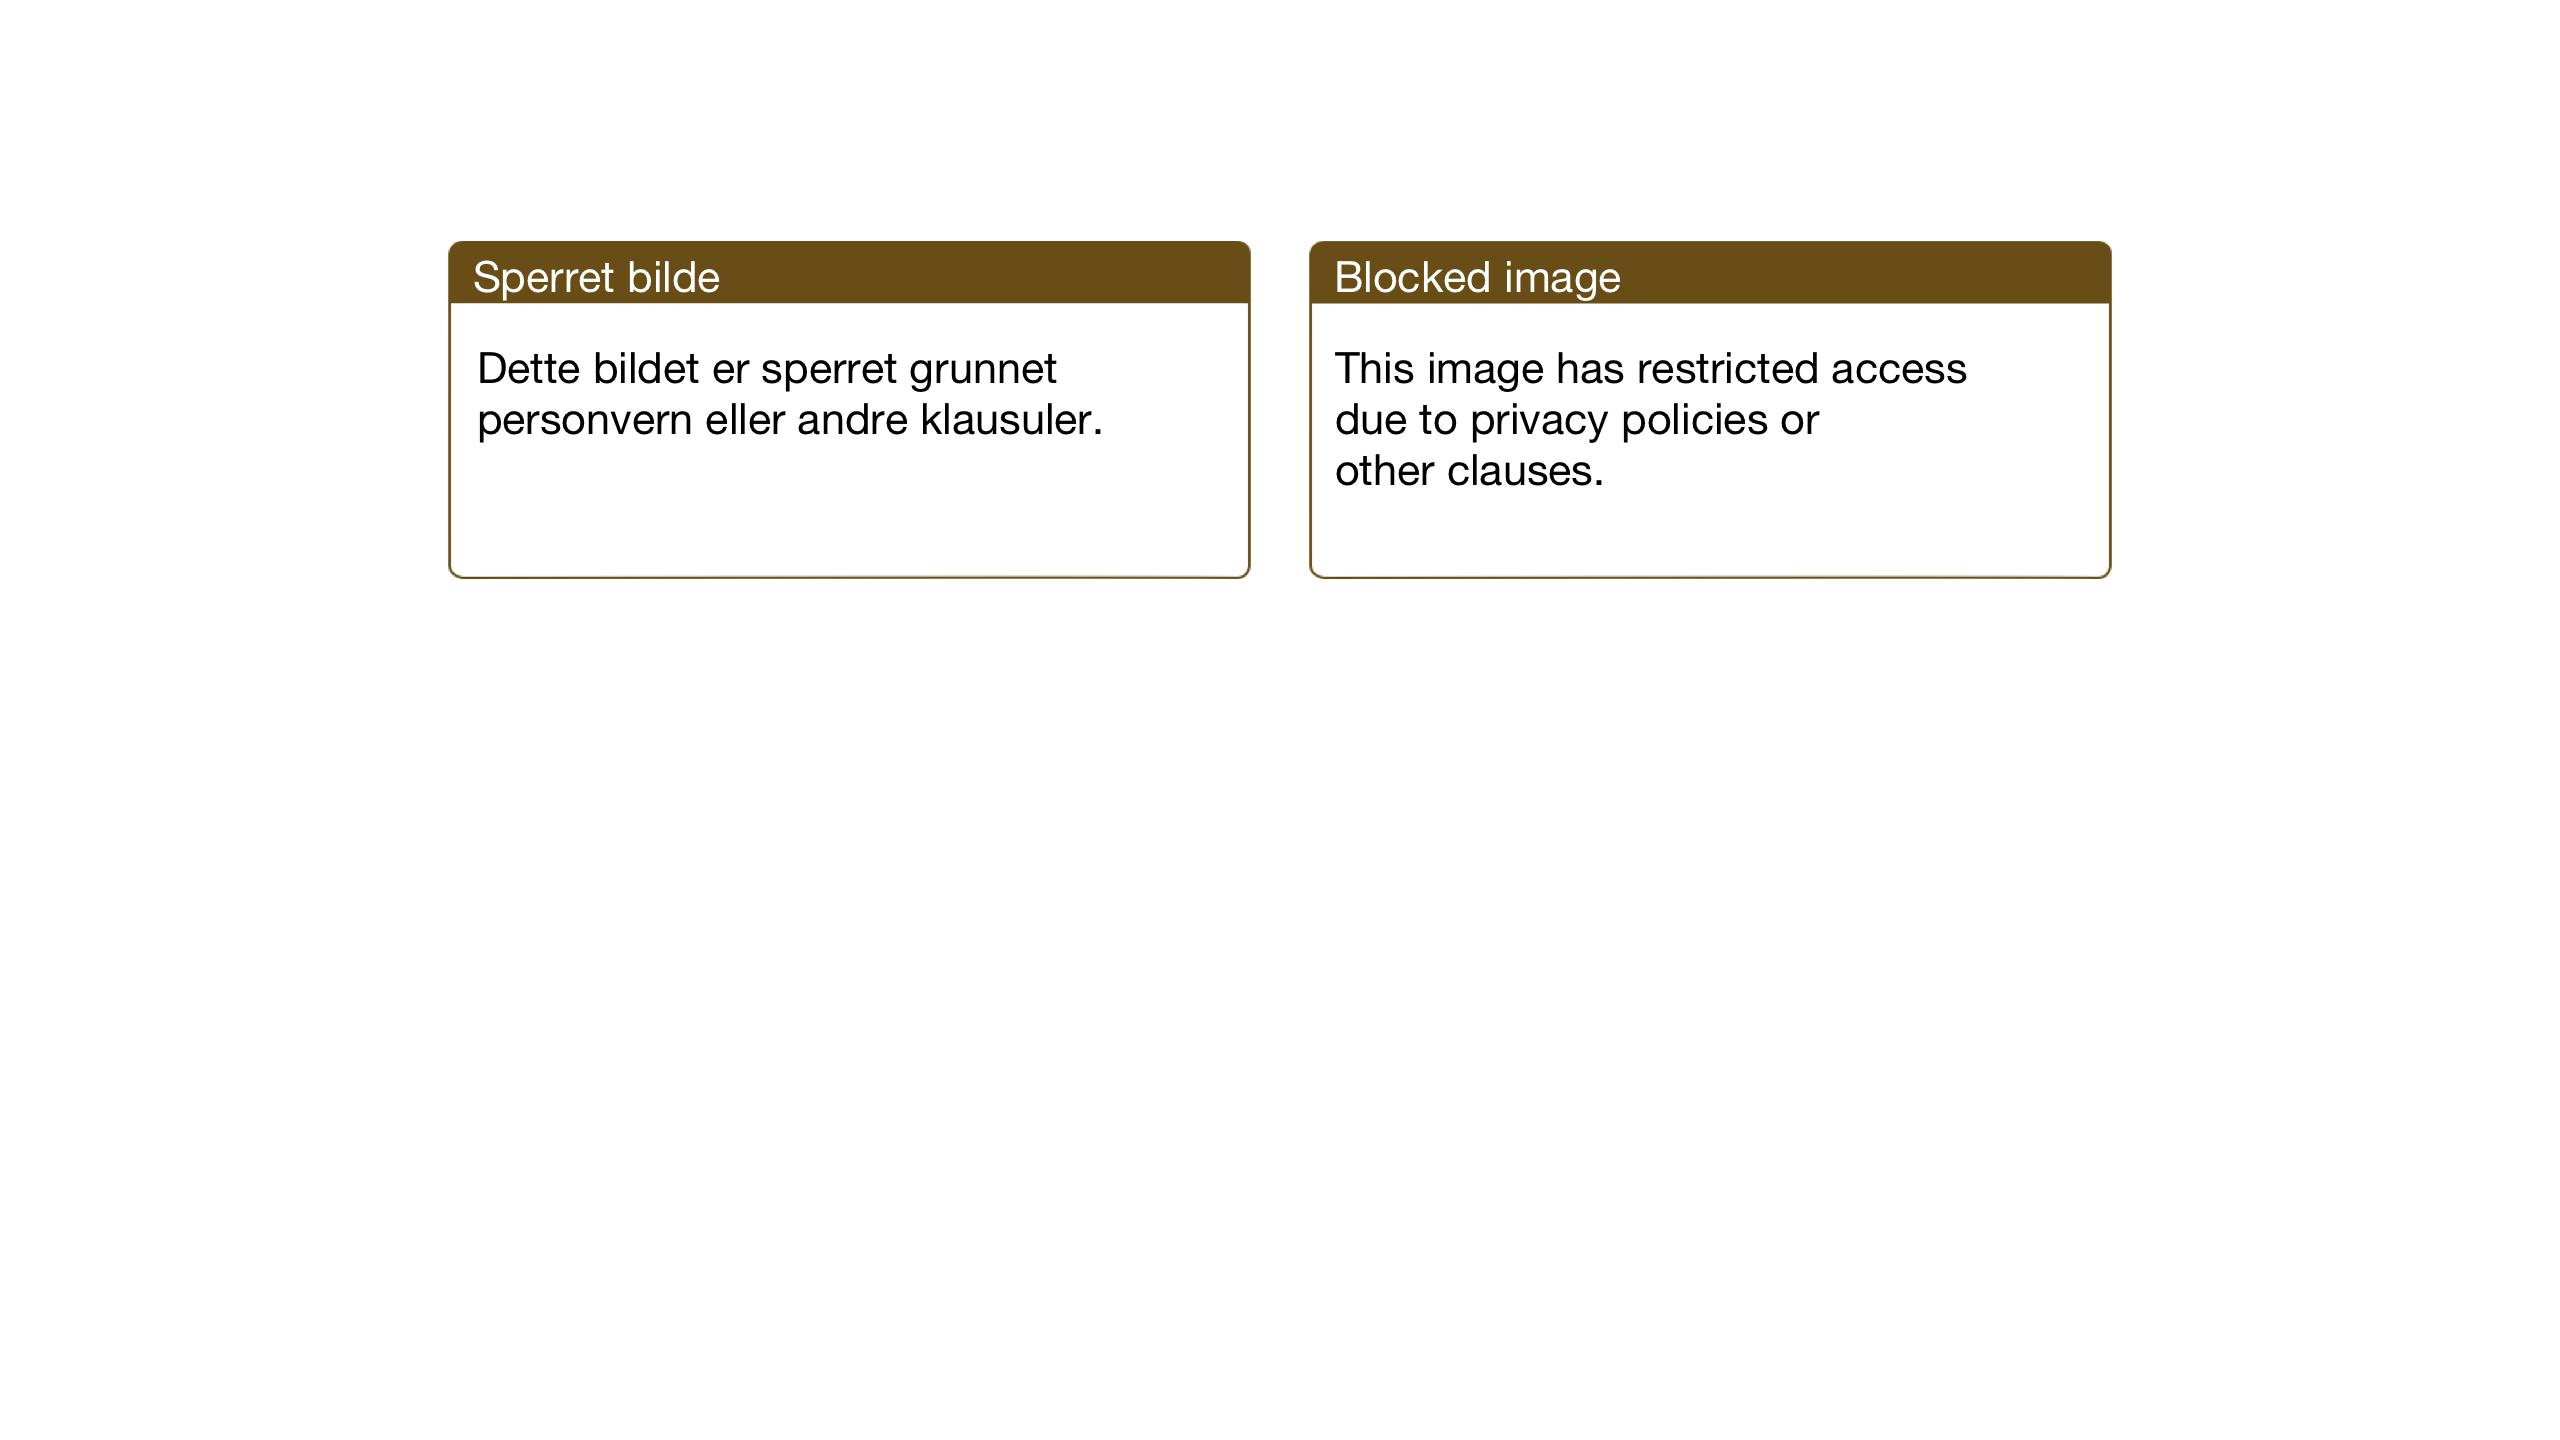 SAT, Ministerialprotokoller, klokkerbøker og fødselsregistre - Sør-Trøndelag, 667/L0799: Klokkerbok nr. 667C04, 1929-1950, s. 29